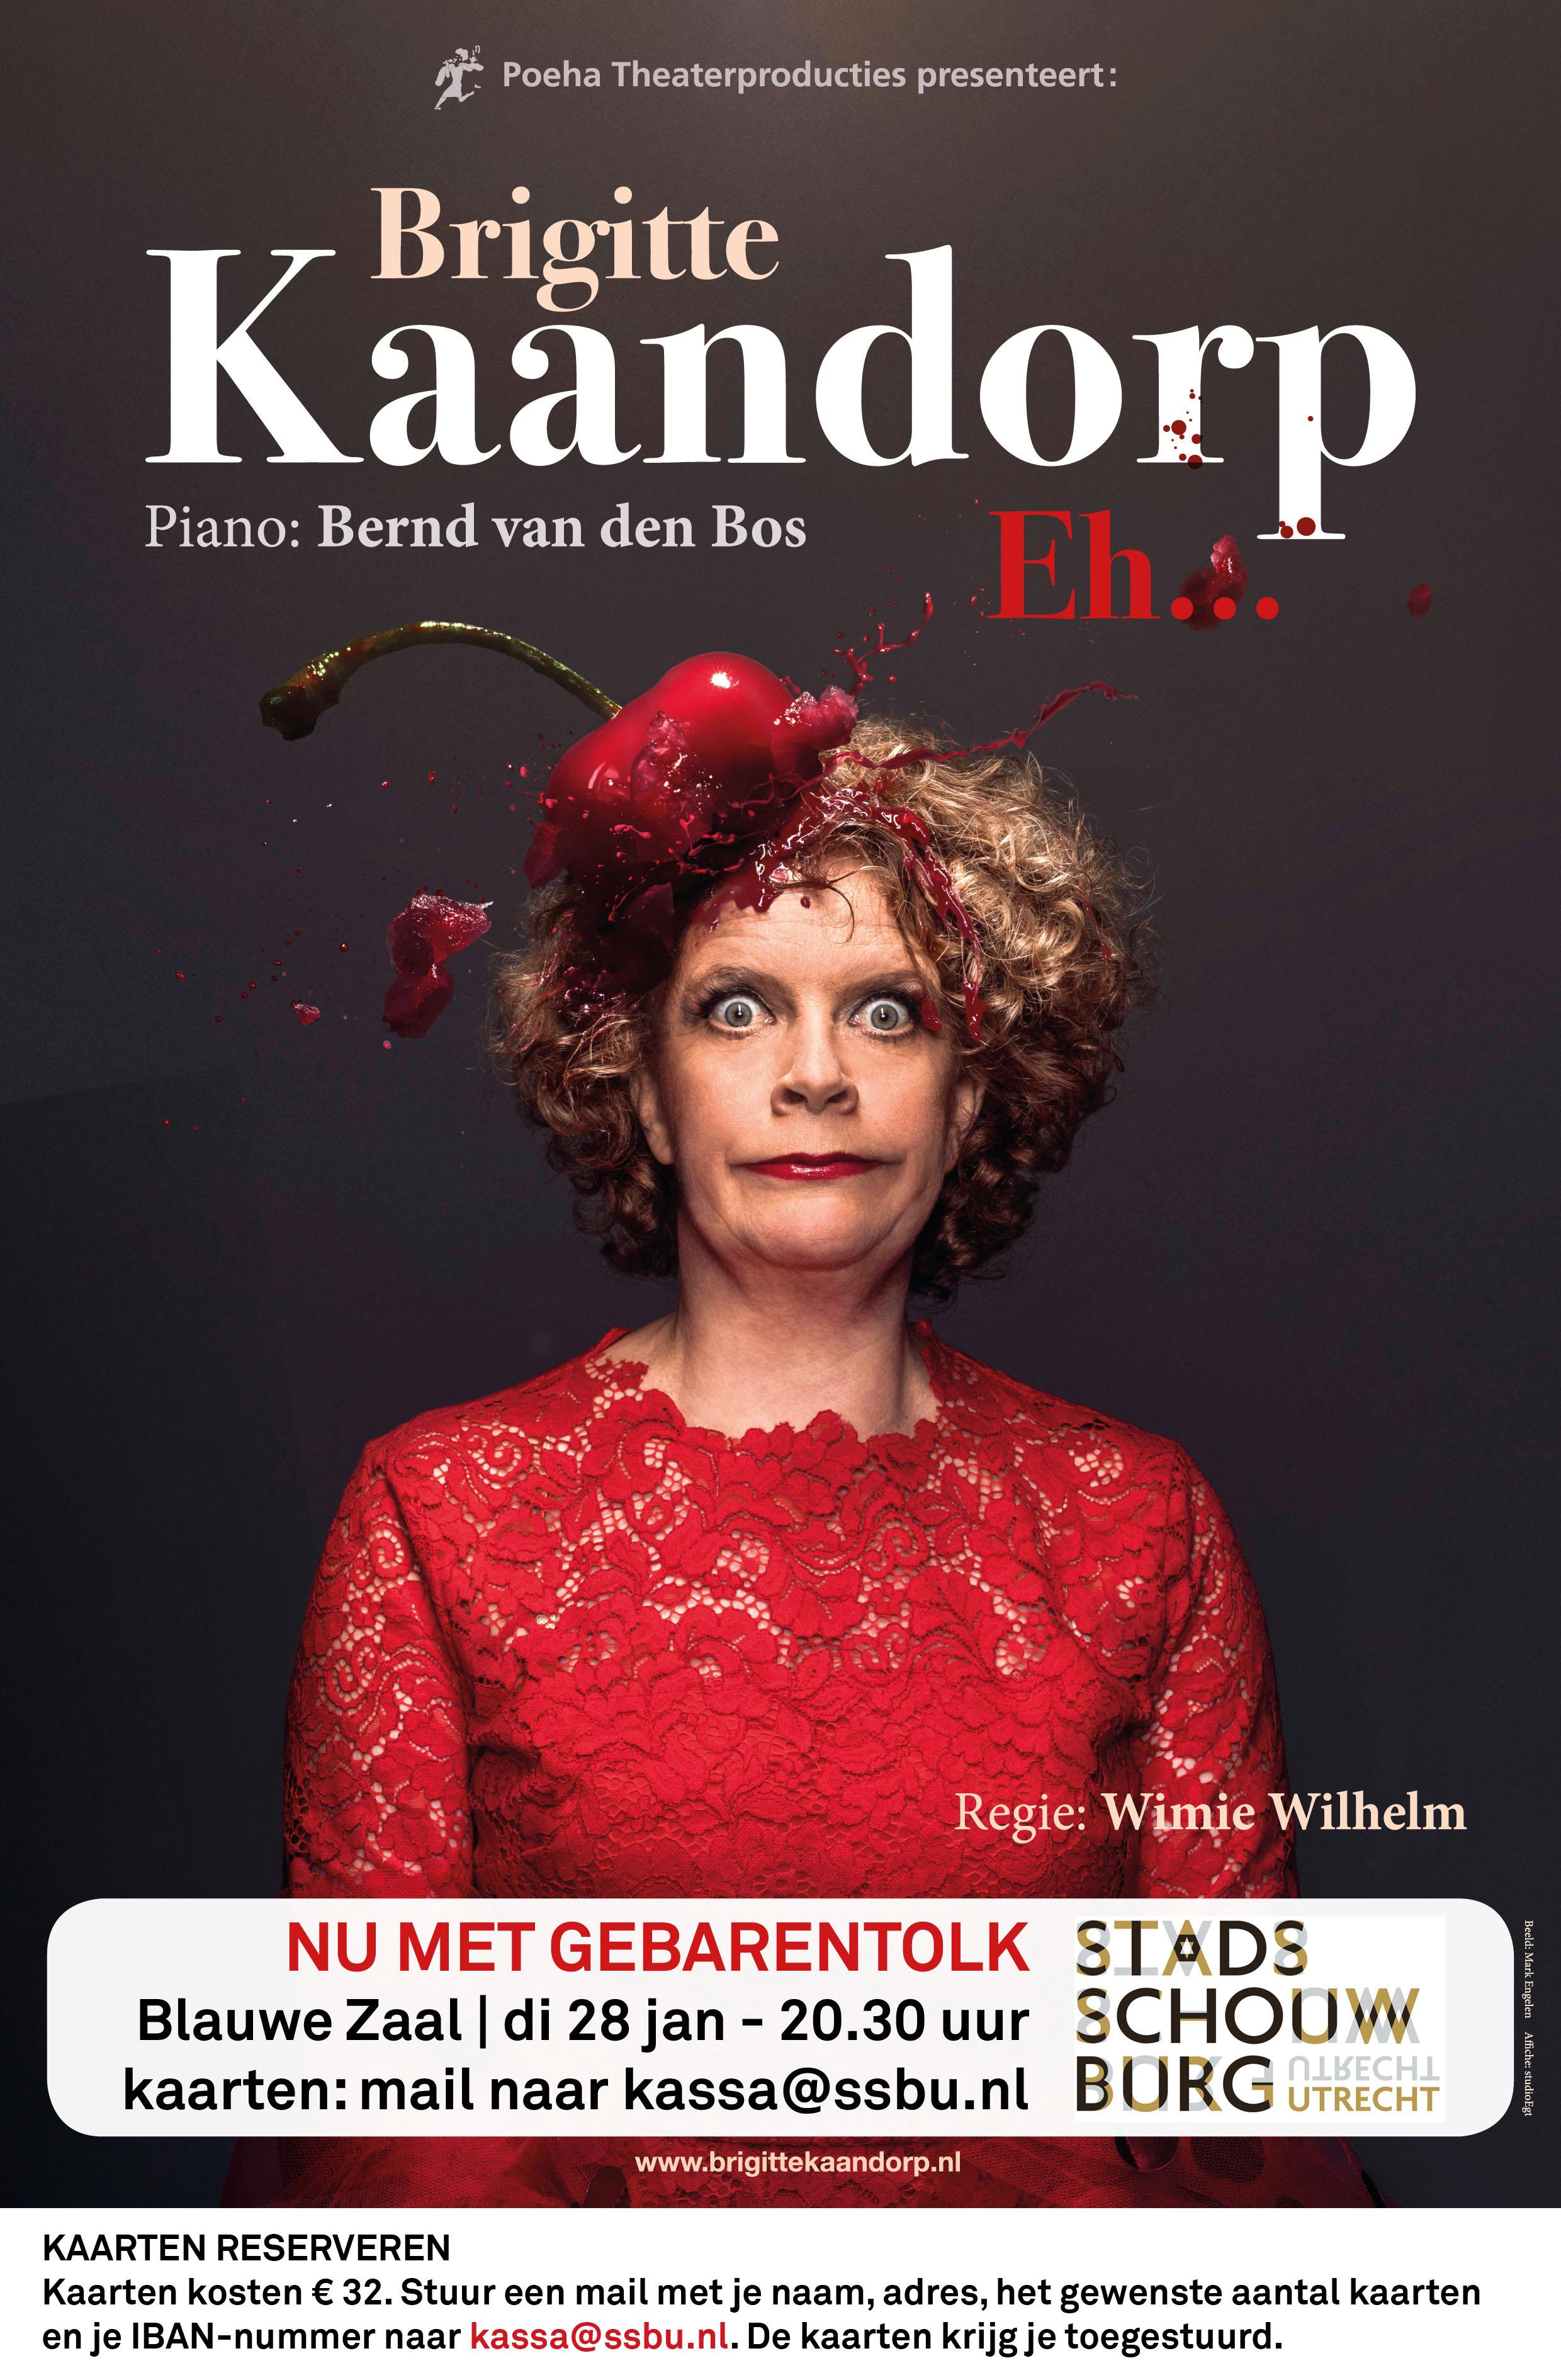 Brigitte Kaandorp met Tolk Nederlandse Gebarentaal